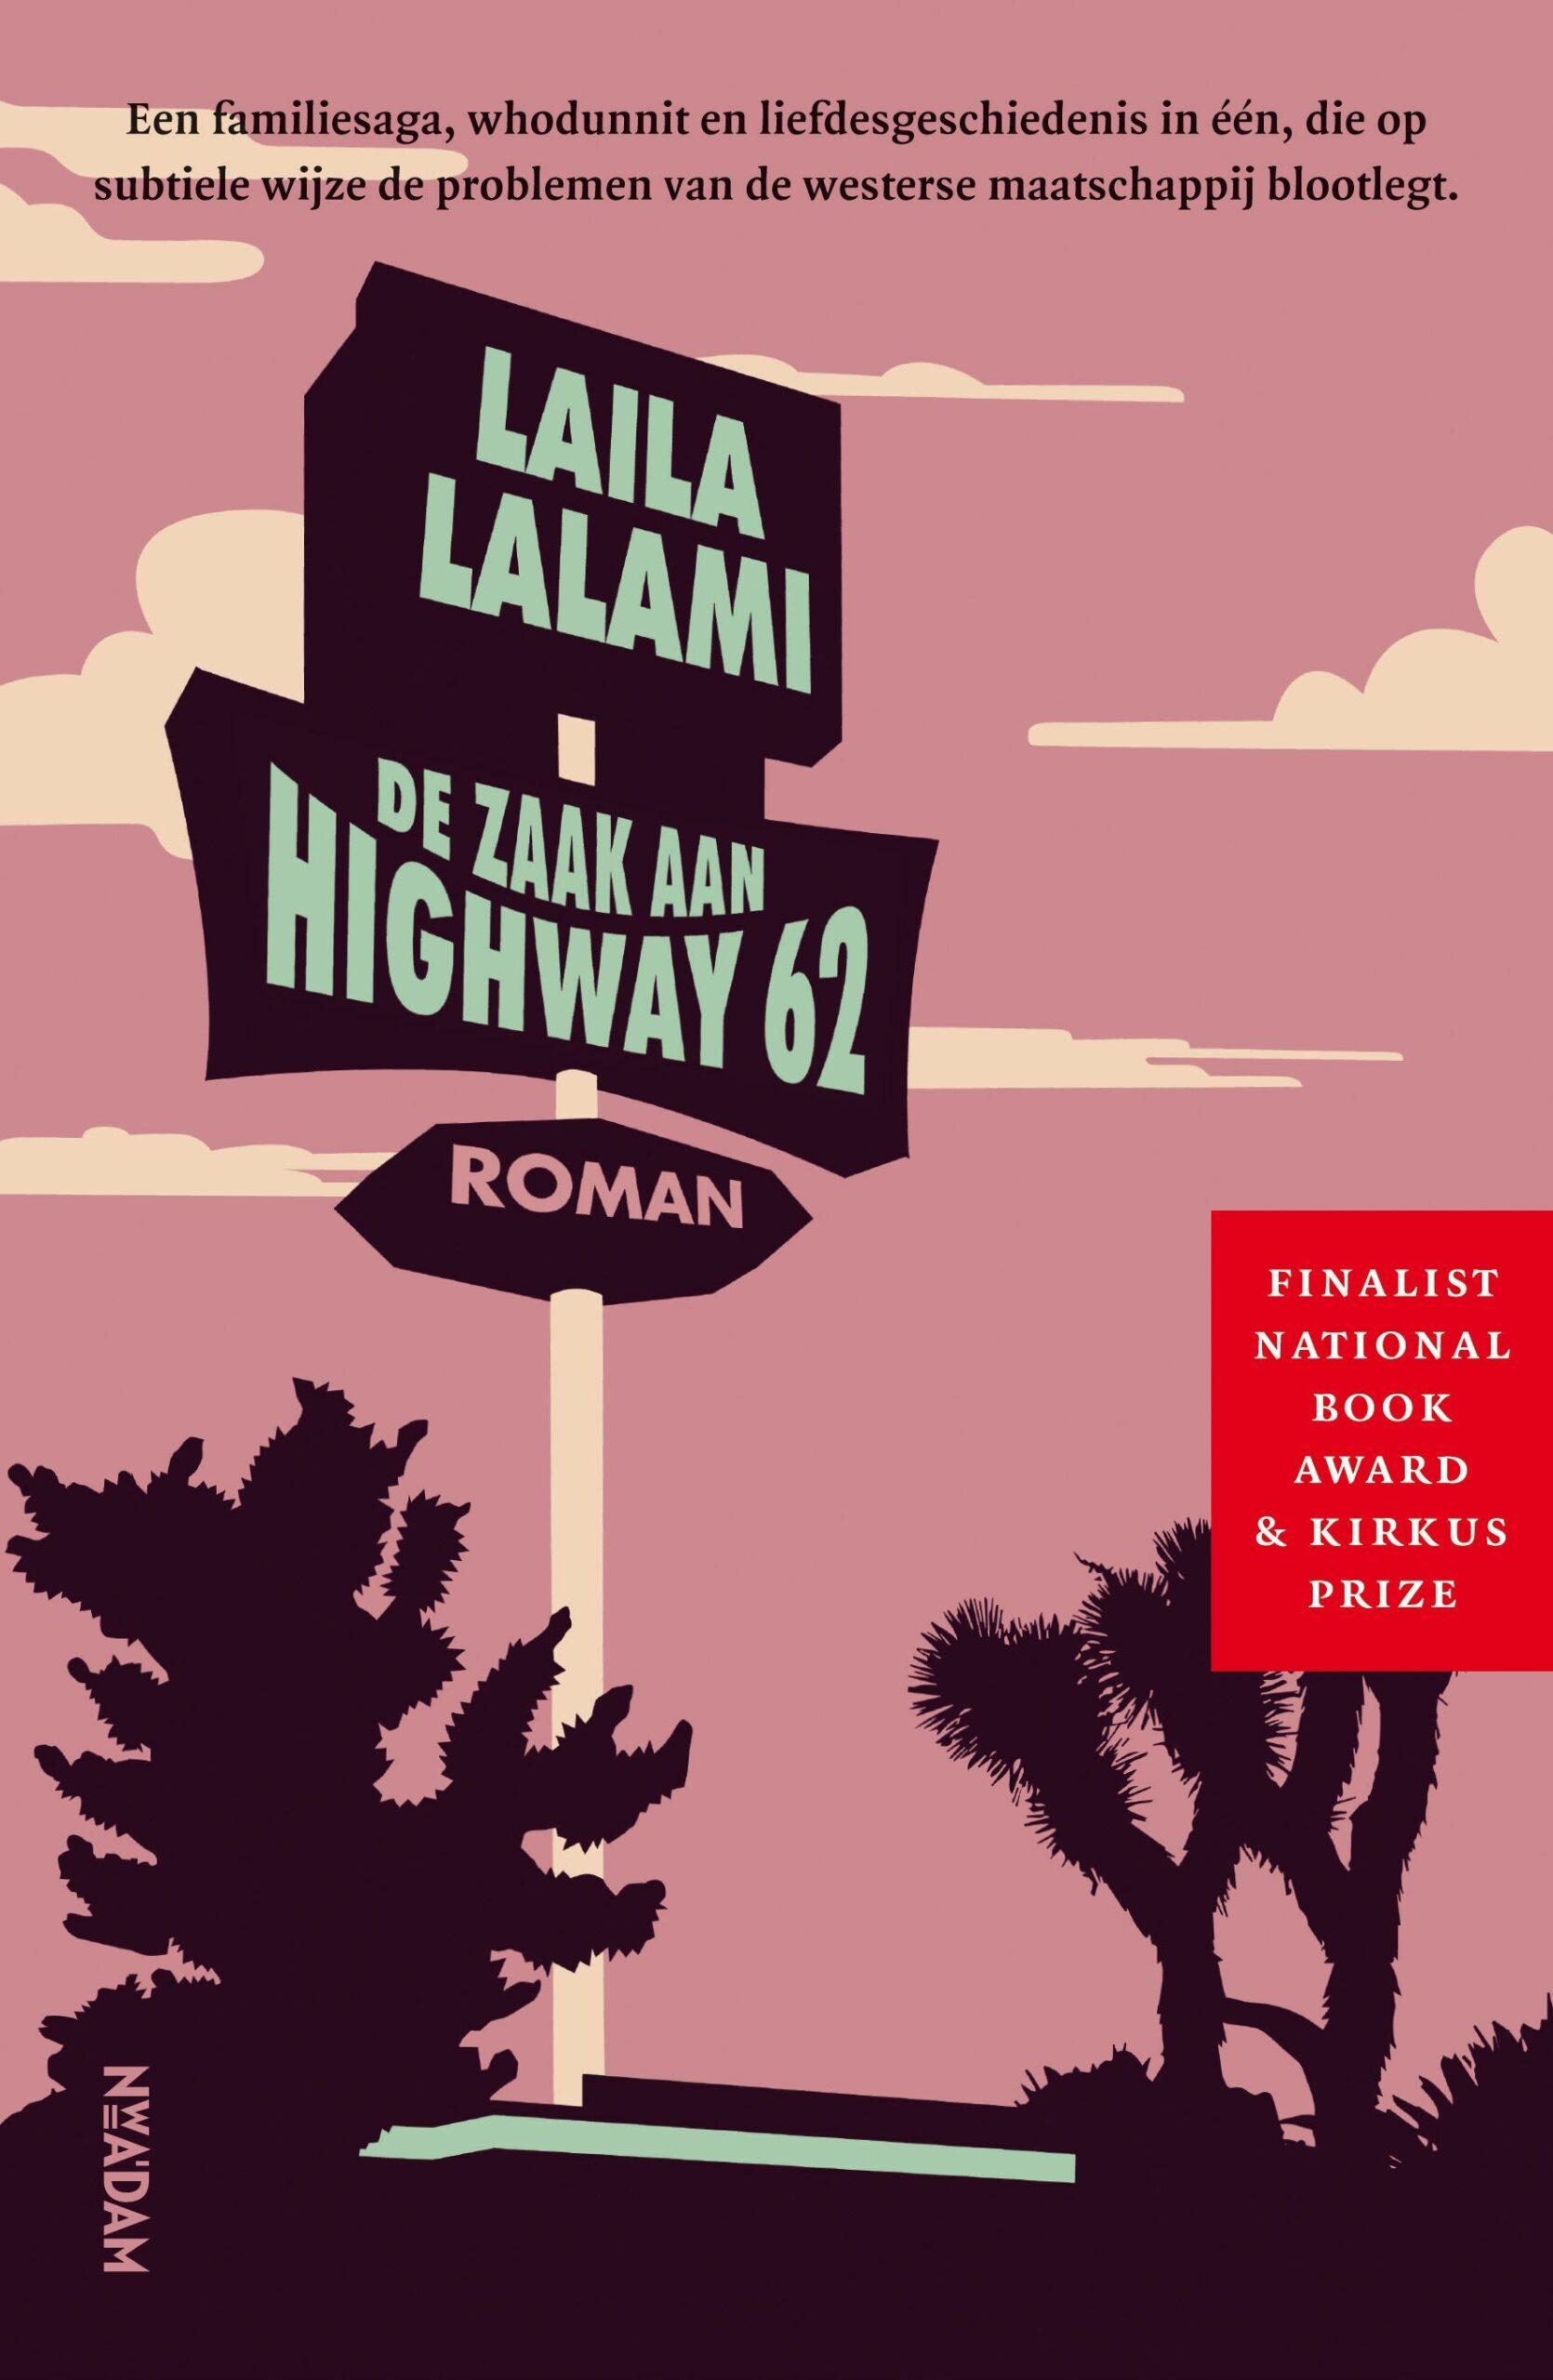 De zaak aan Highway 62 - boekenflits